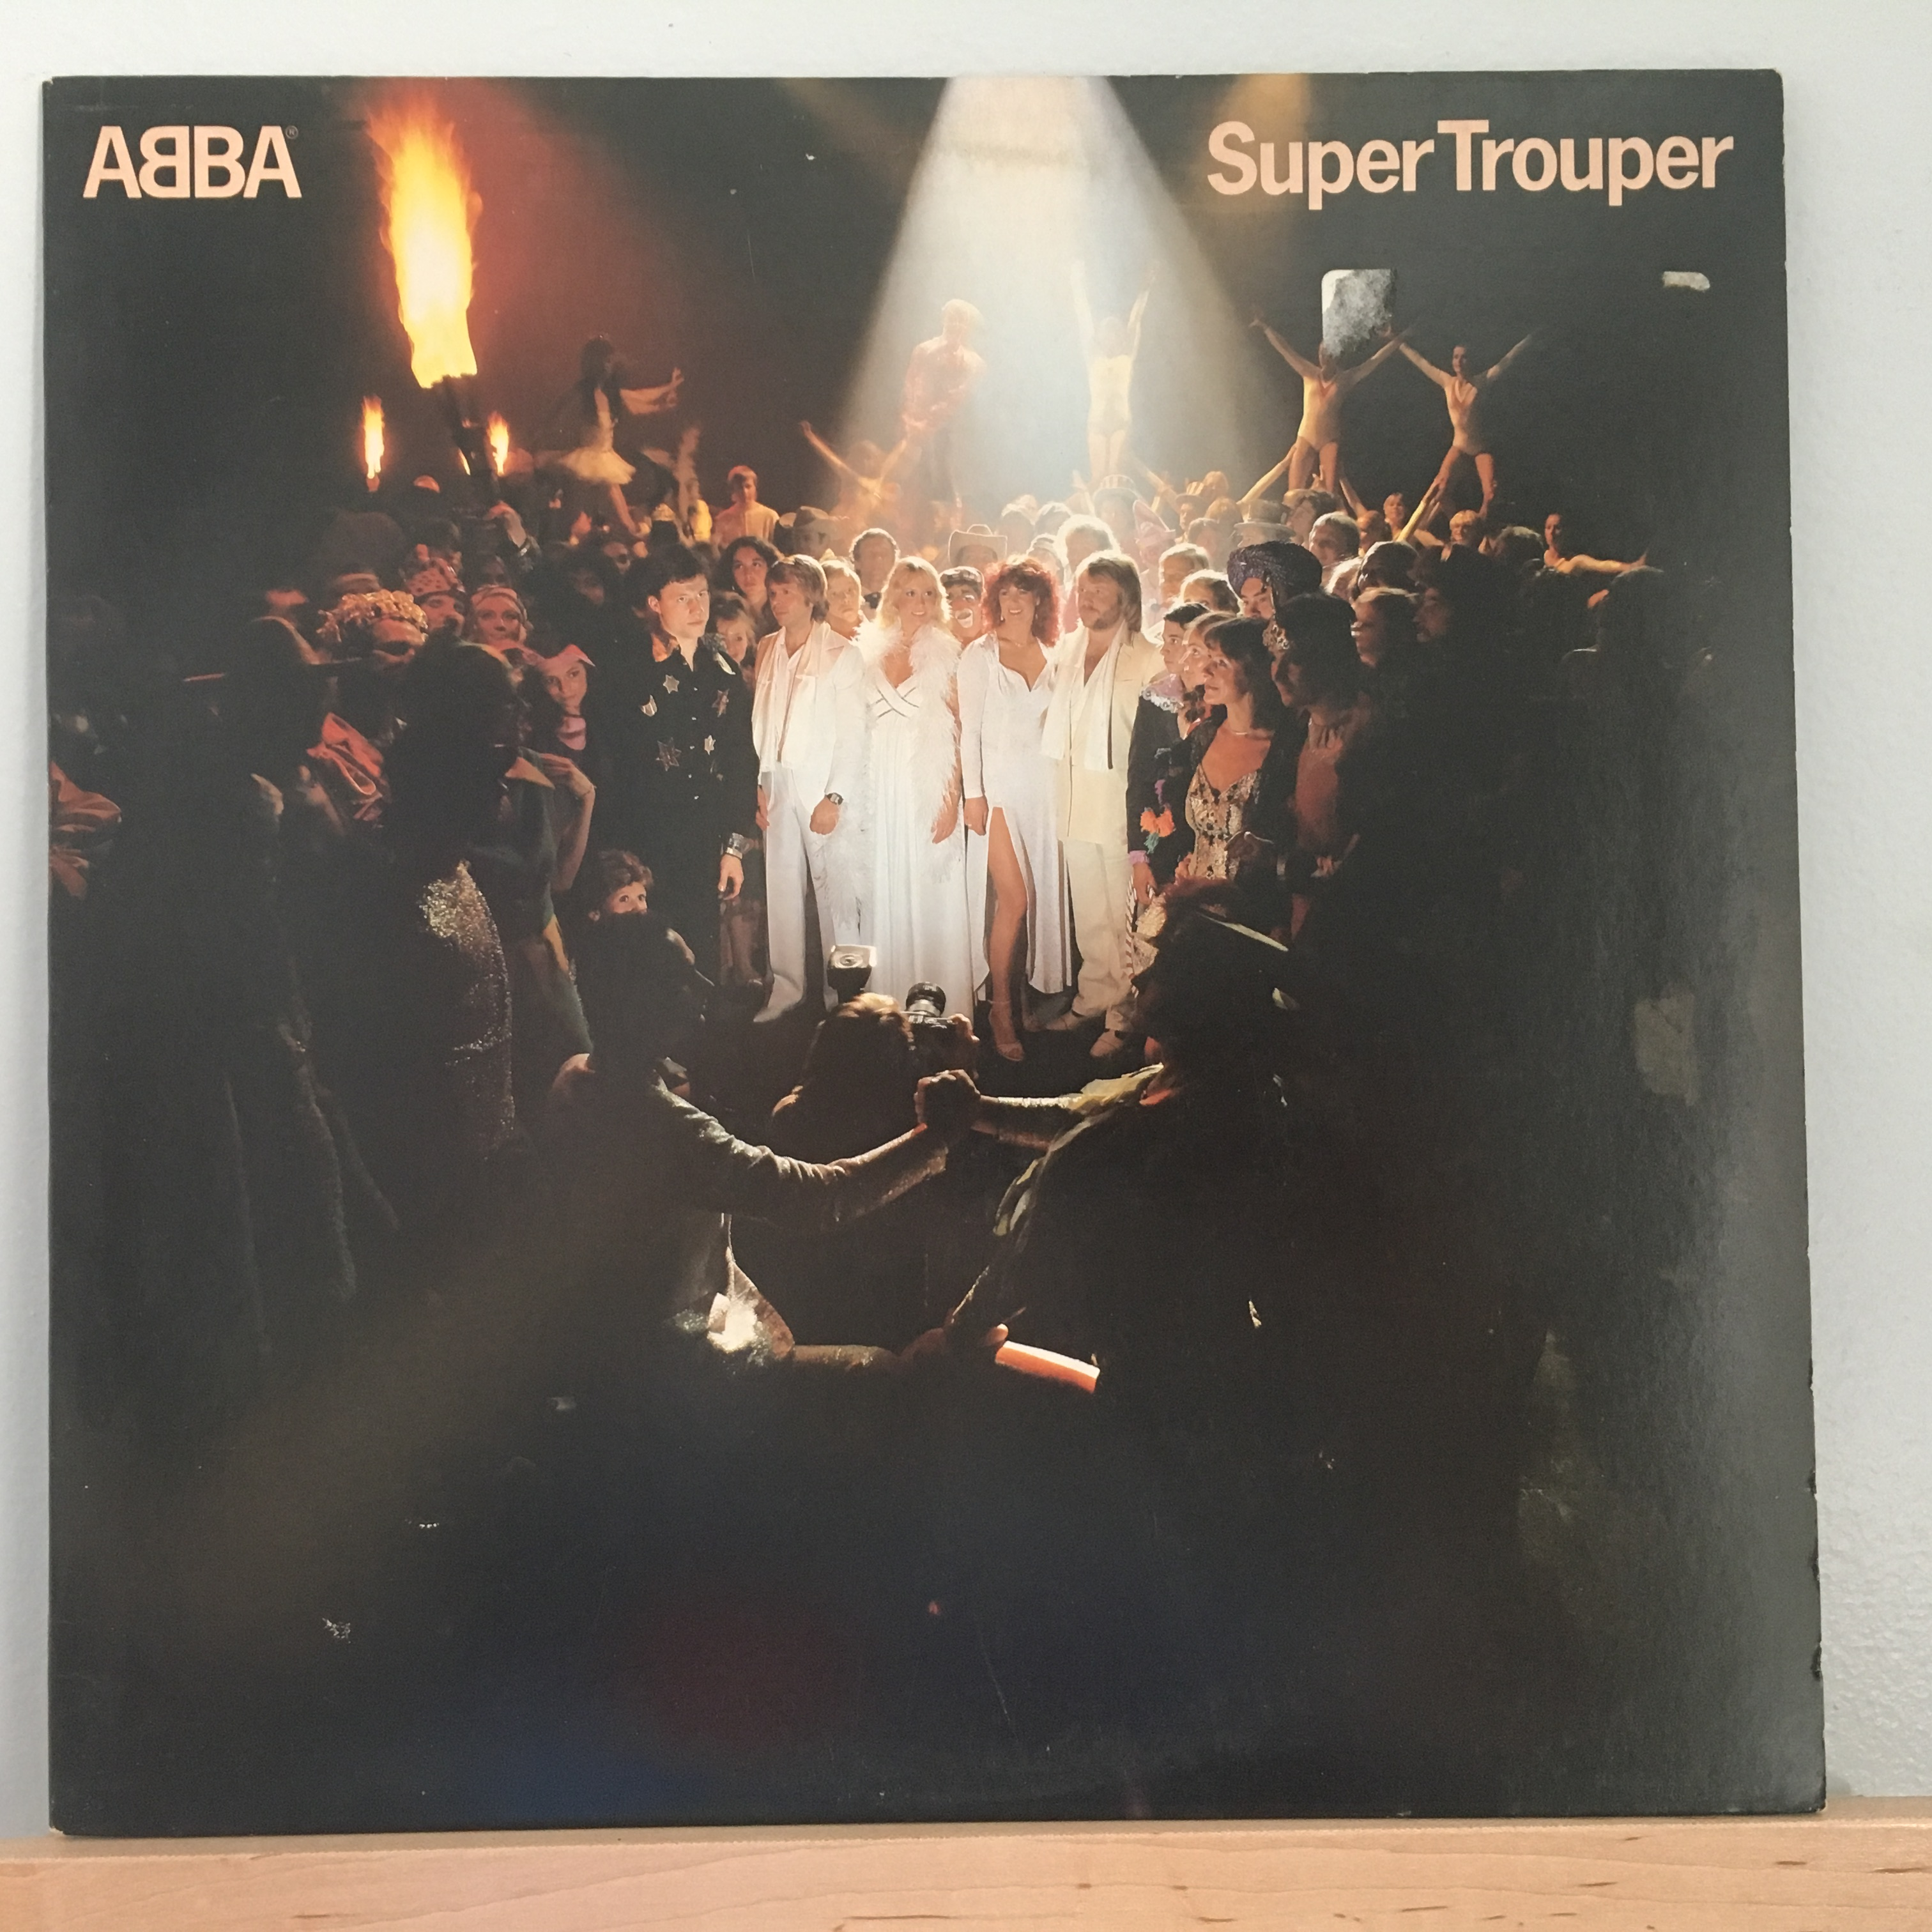 ABBA Super Trouper front cover